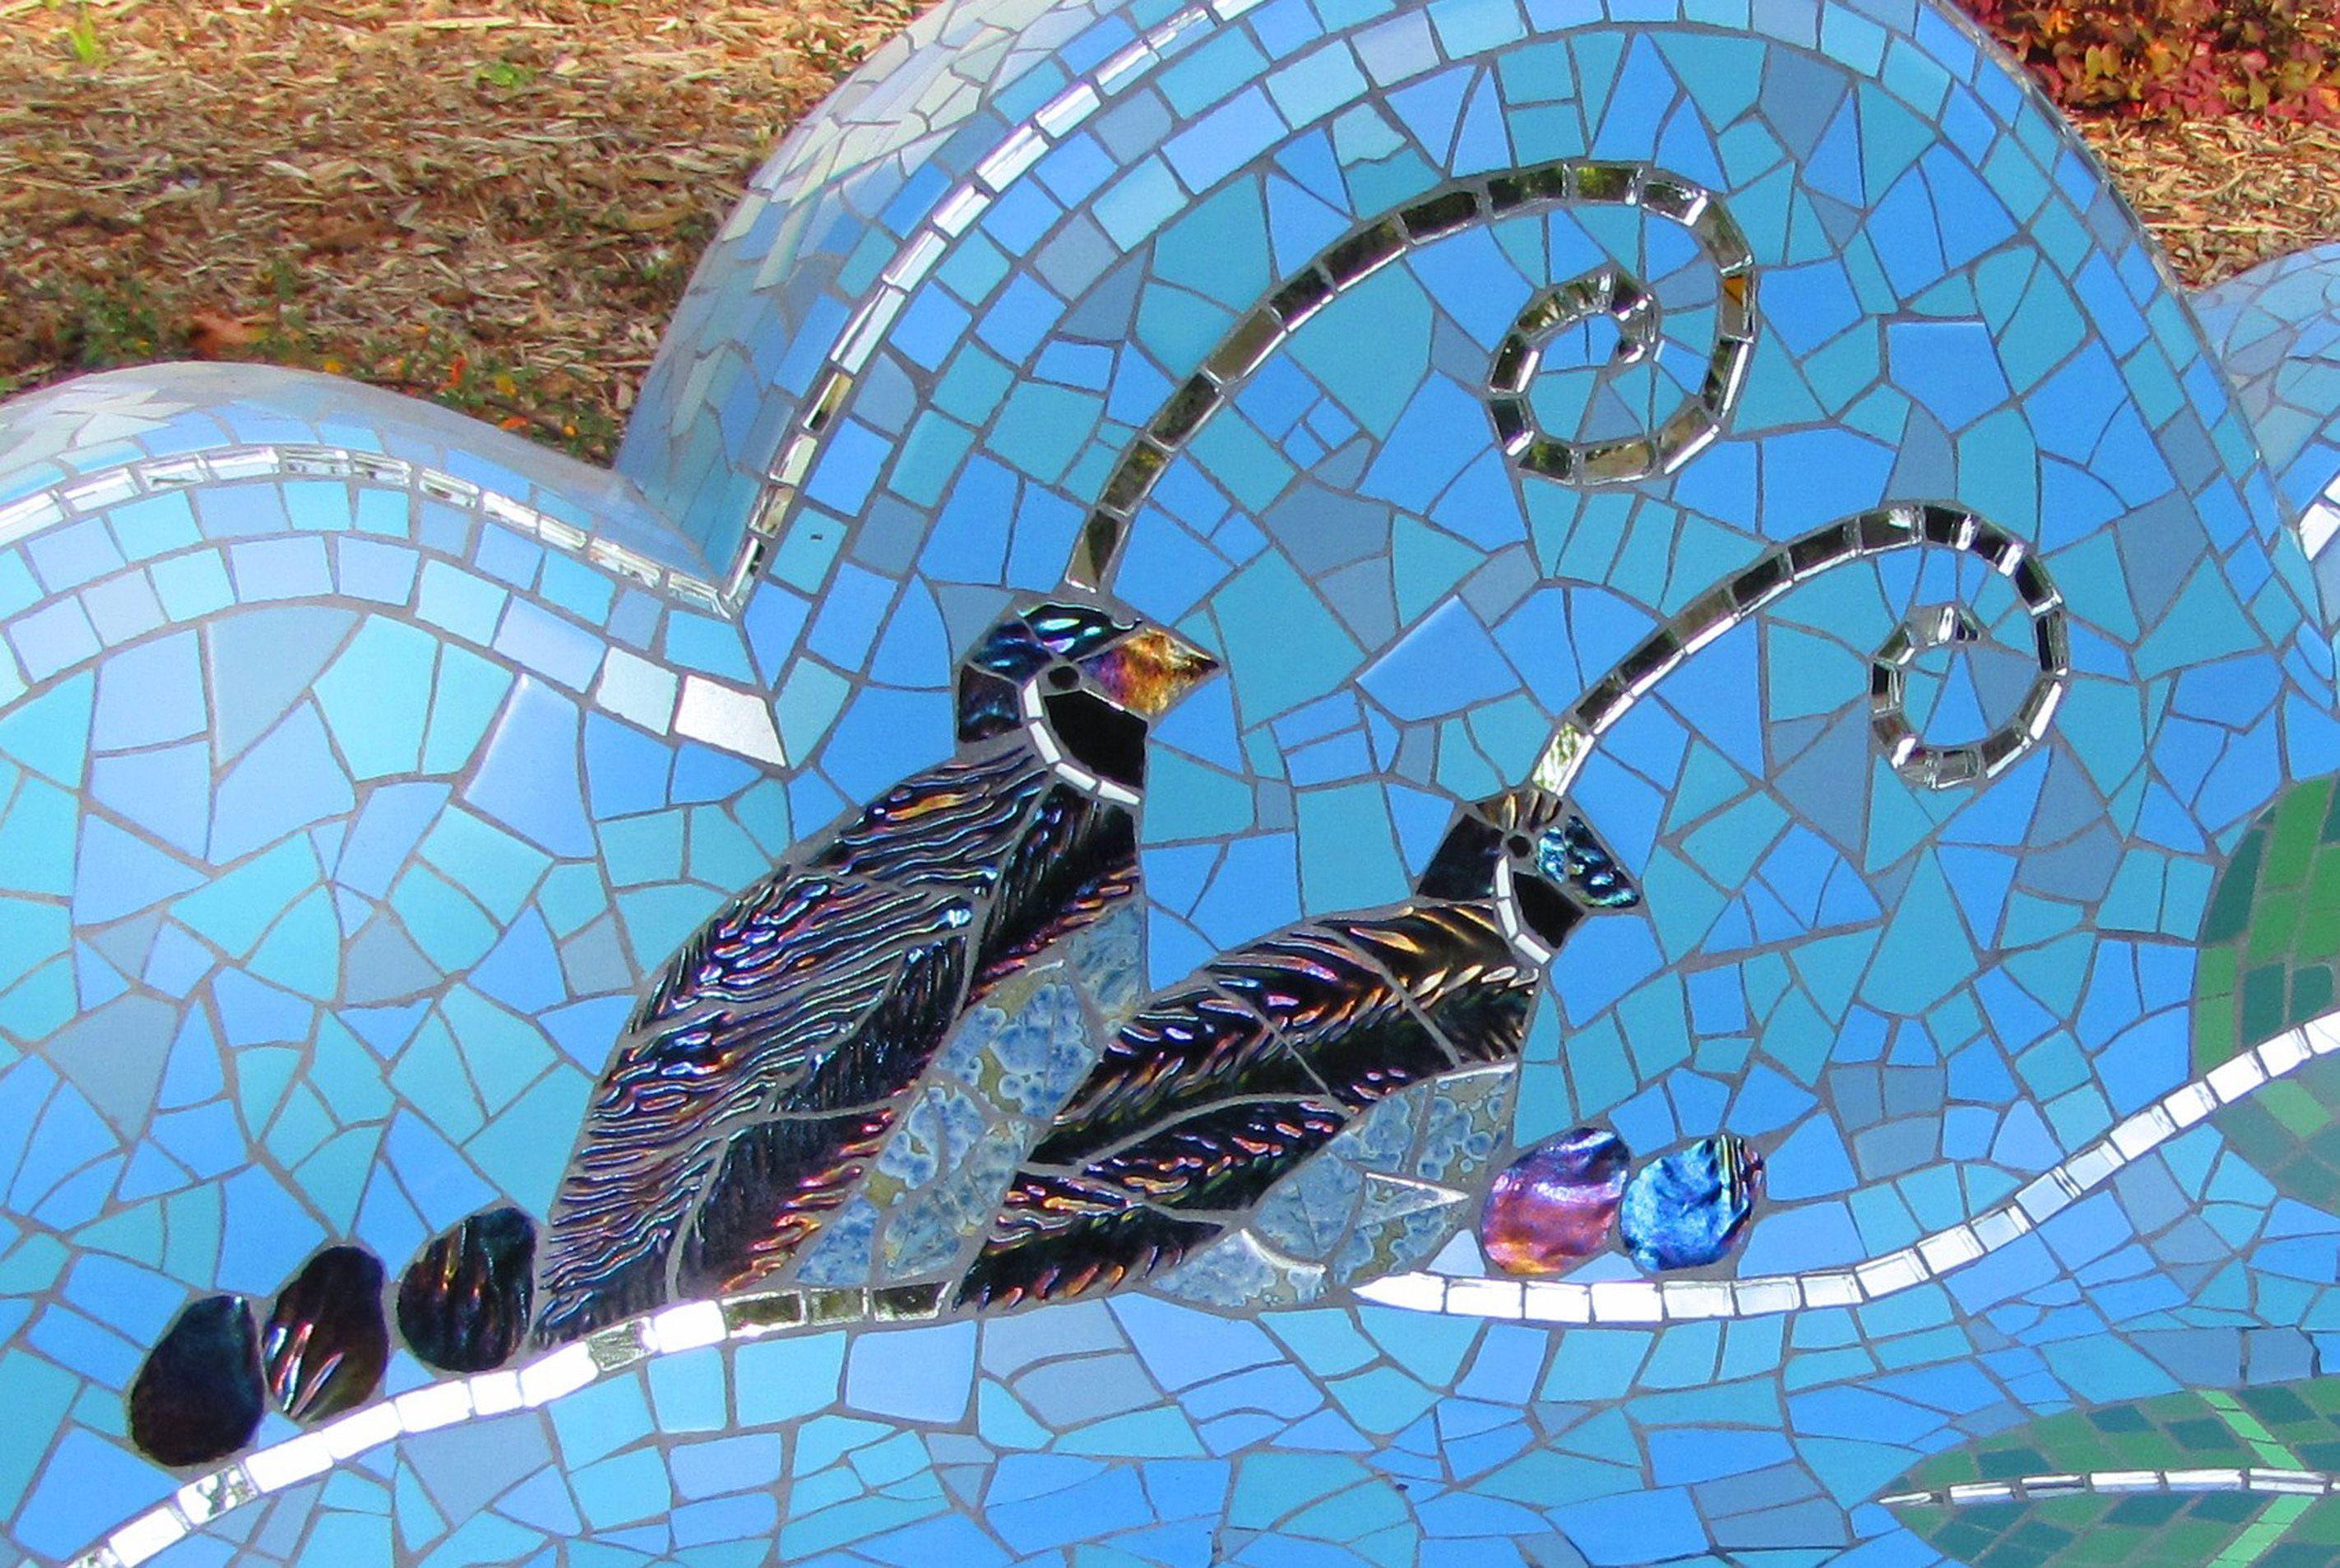 Mosaic sculpture mosaic garden mosaic public garden